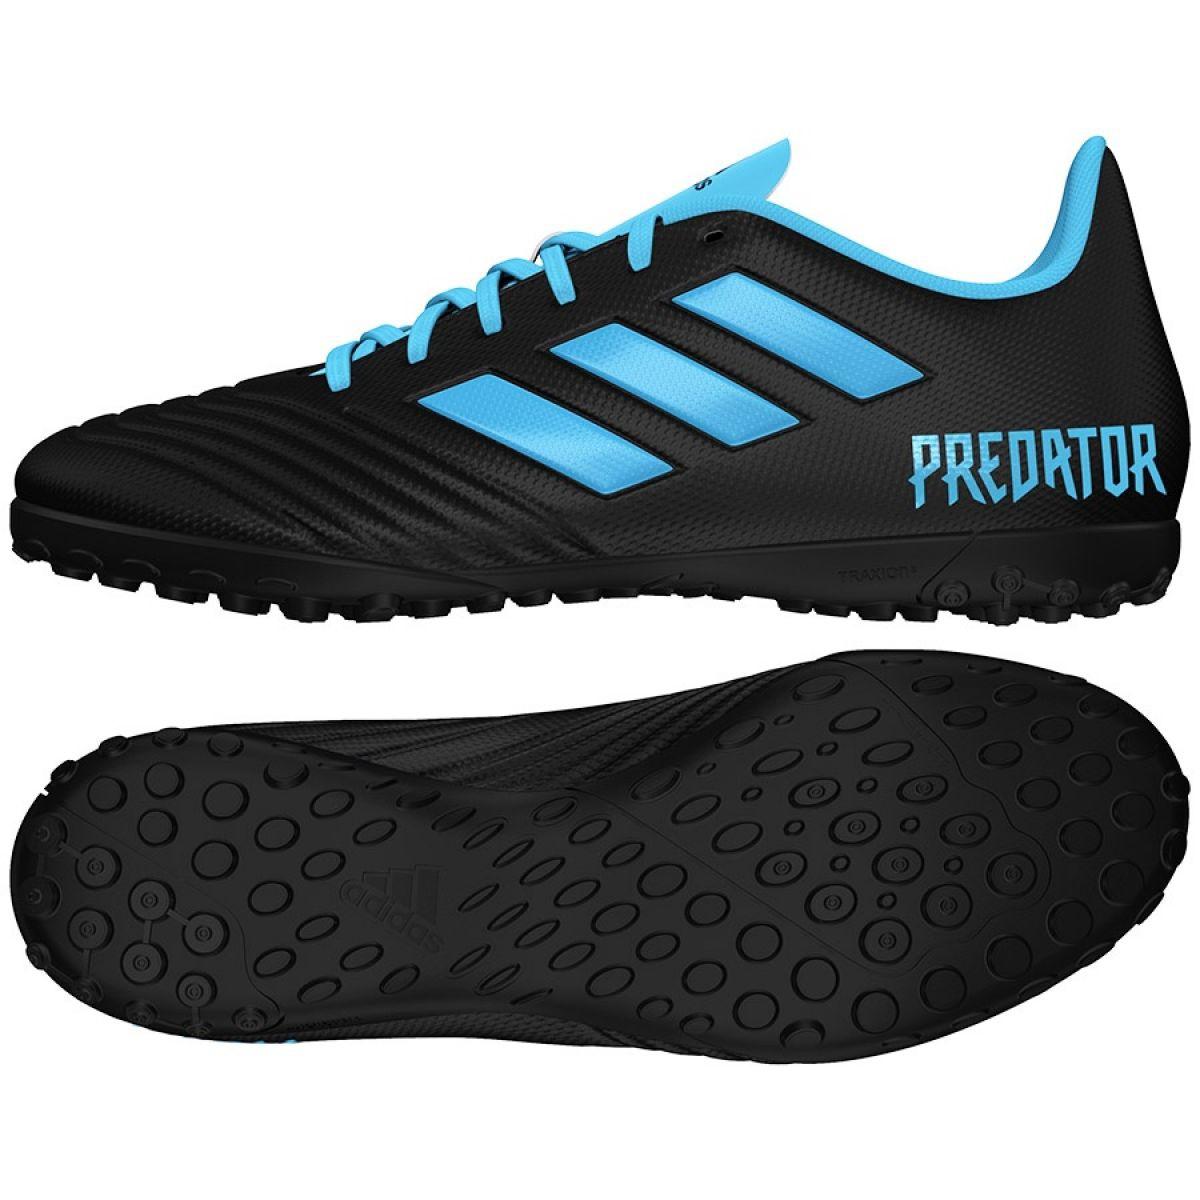 Chaussures de foot adidas Predator 19.4 Tf M F35636 noir noir